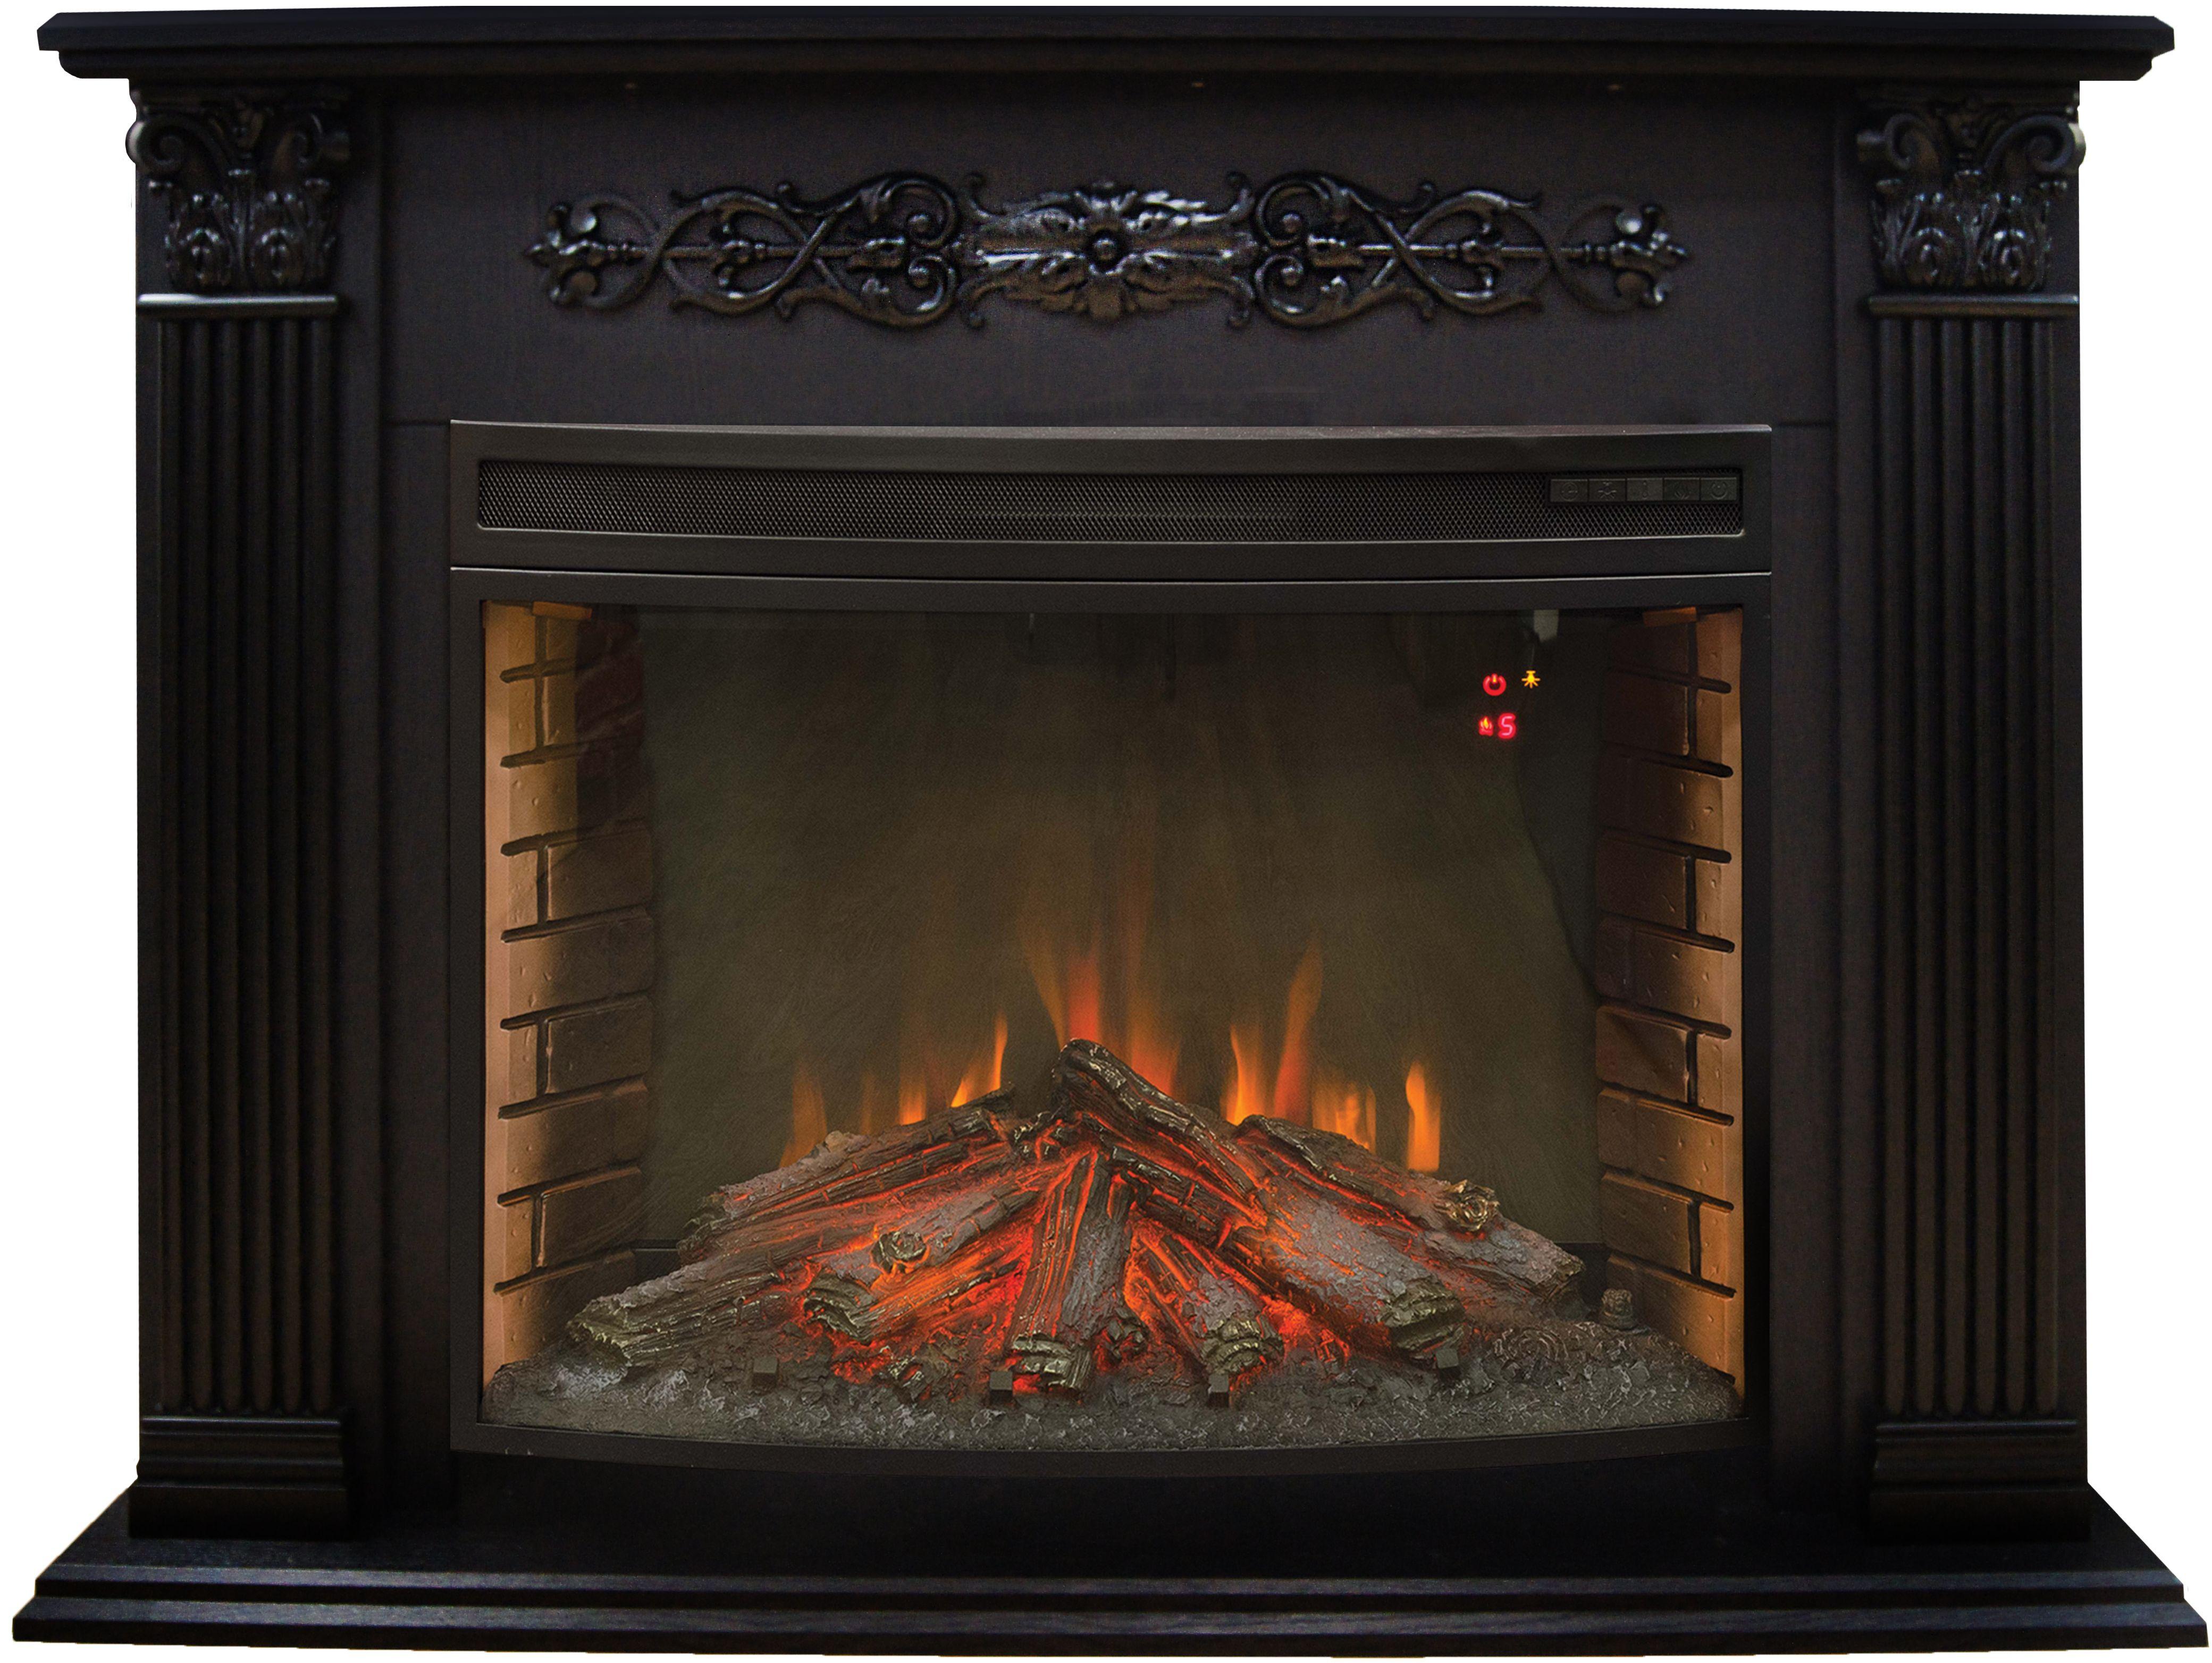 Электрокамин Real flame Milton 33 dn + firespace 33 s ir